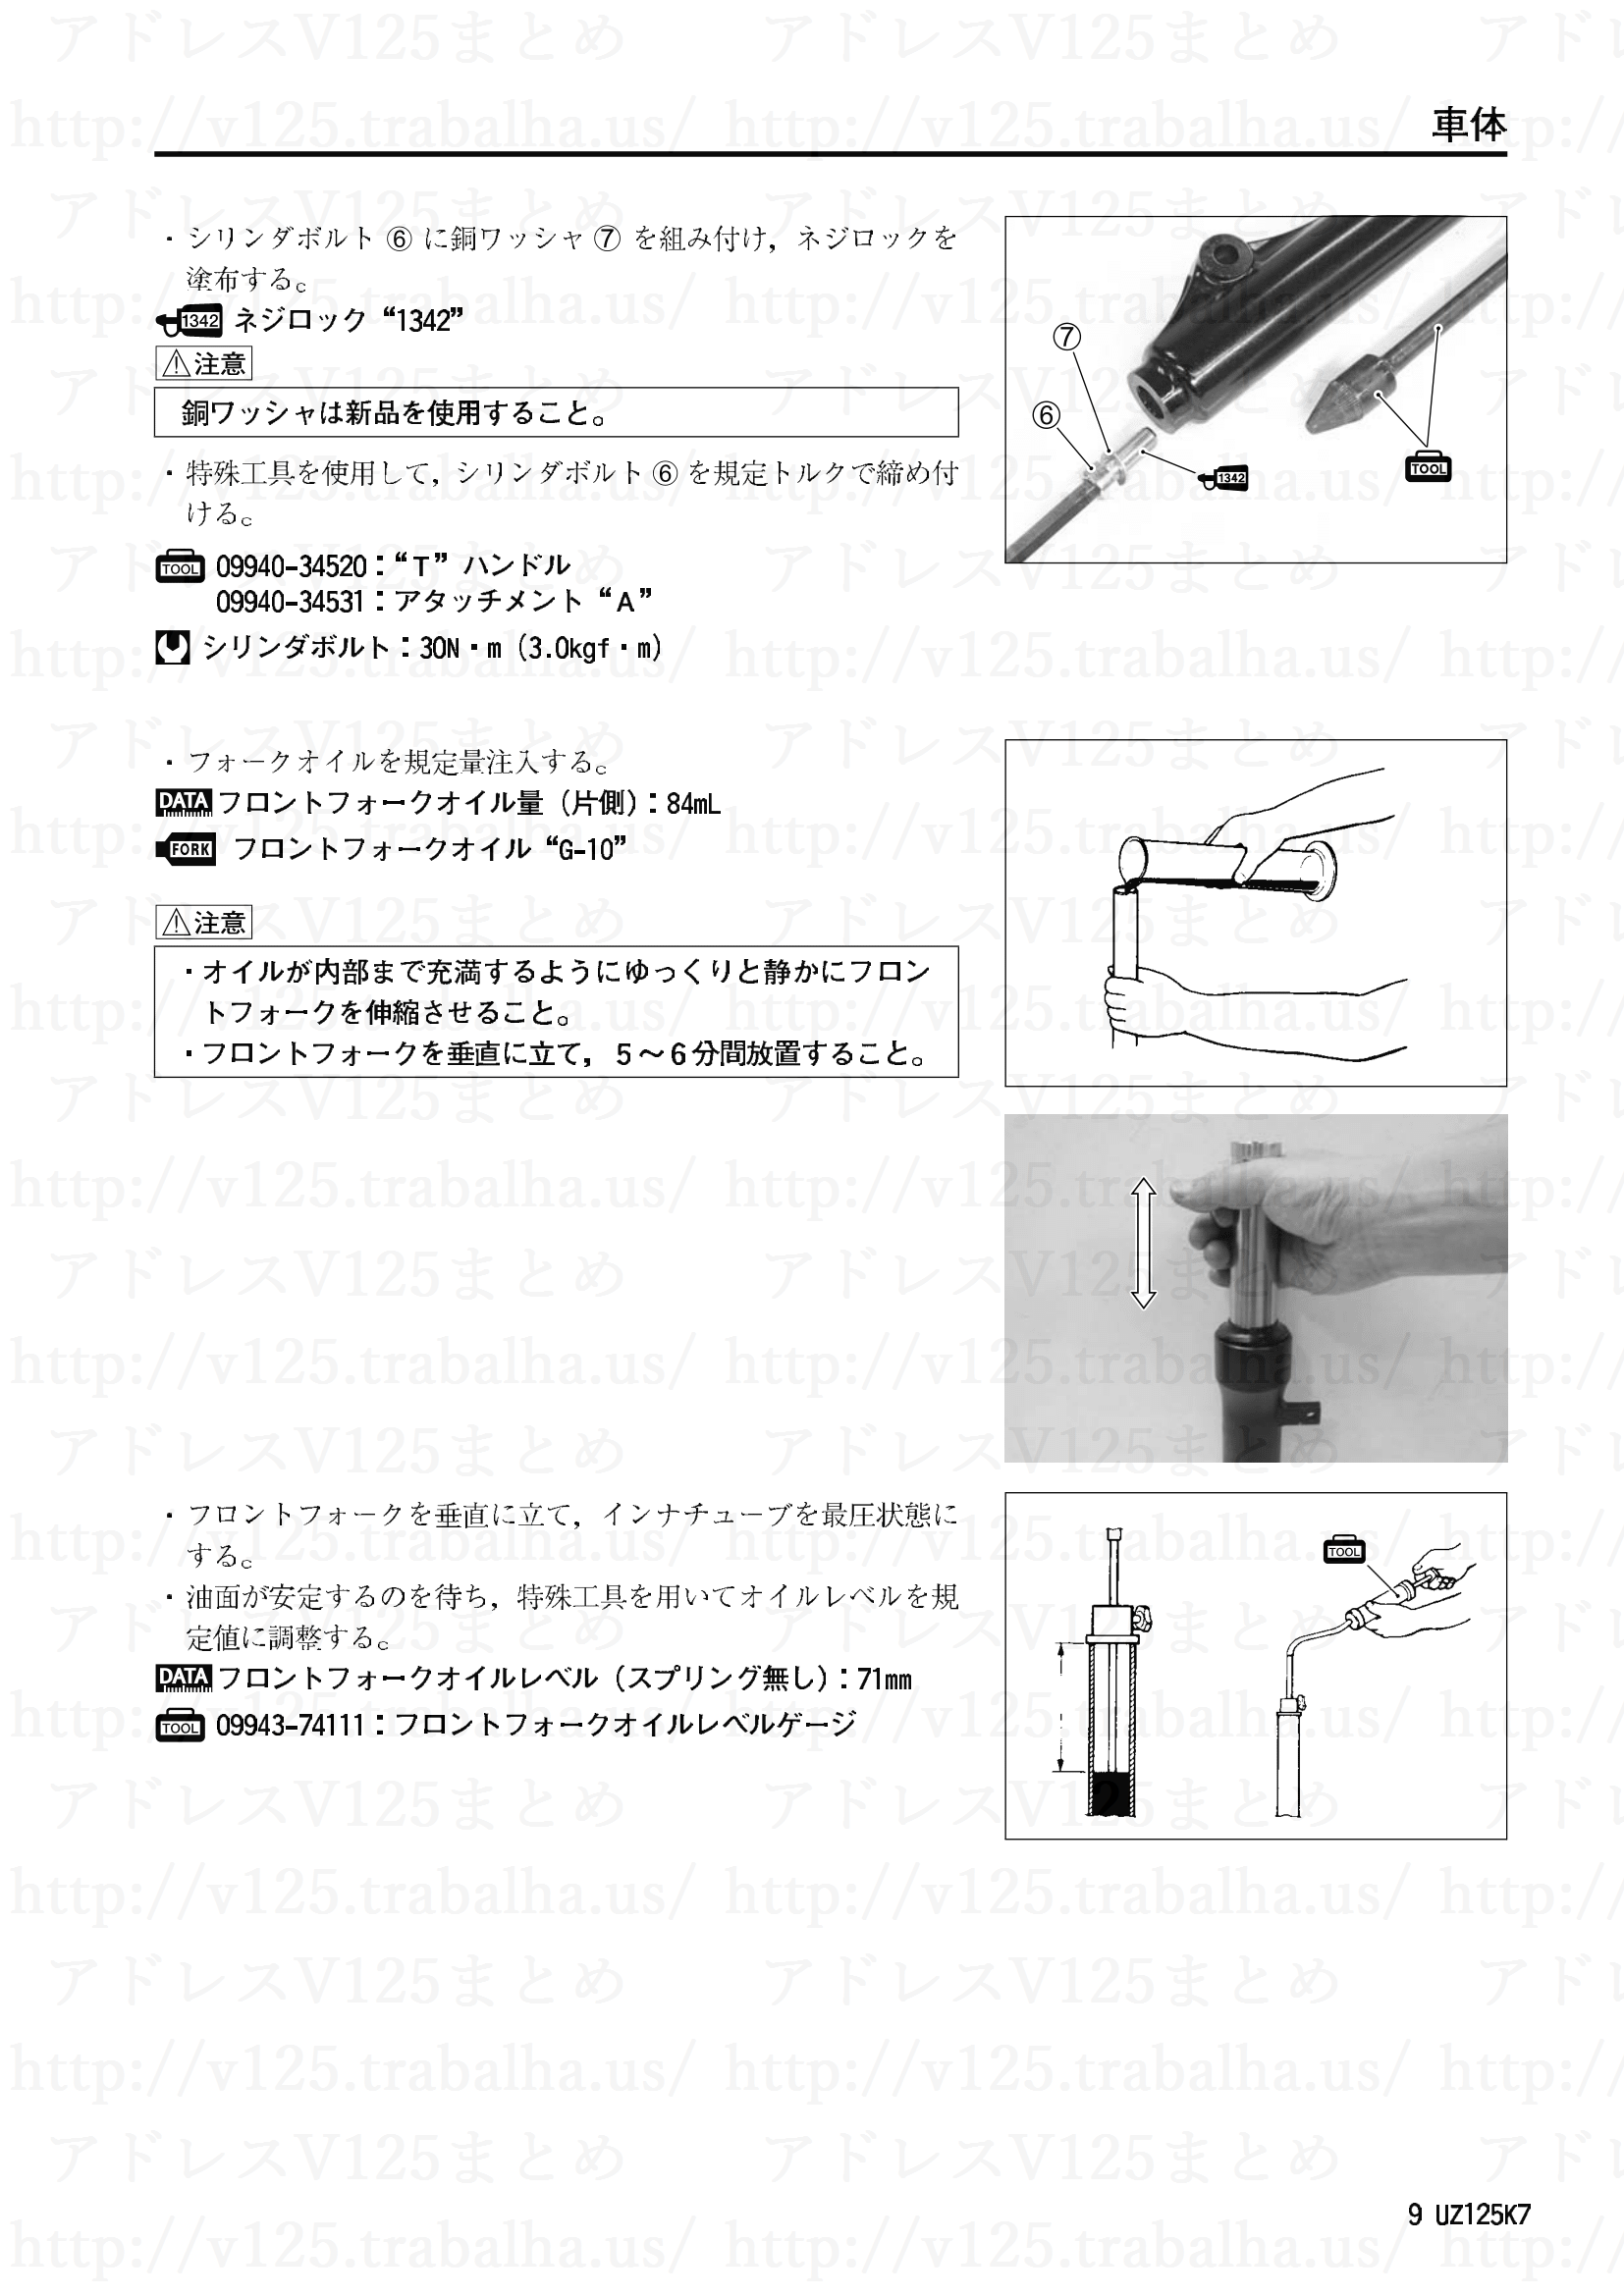 追補【UZ125K7/UZ125GK7】旧モデルとの主な相違点9